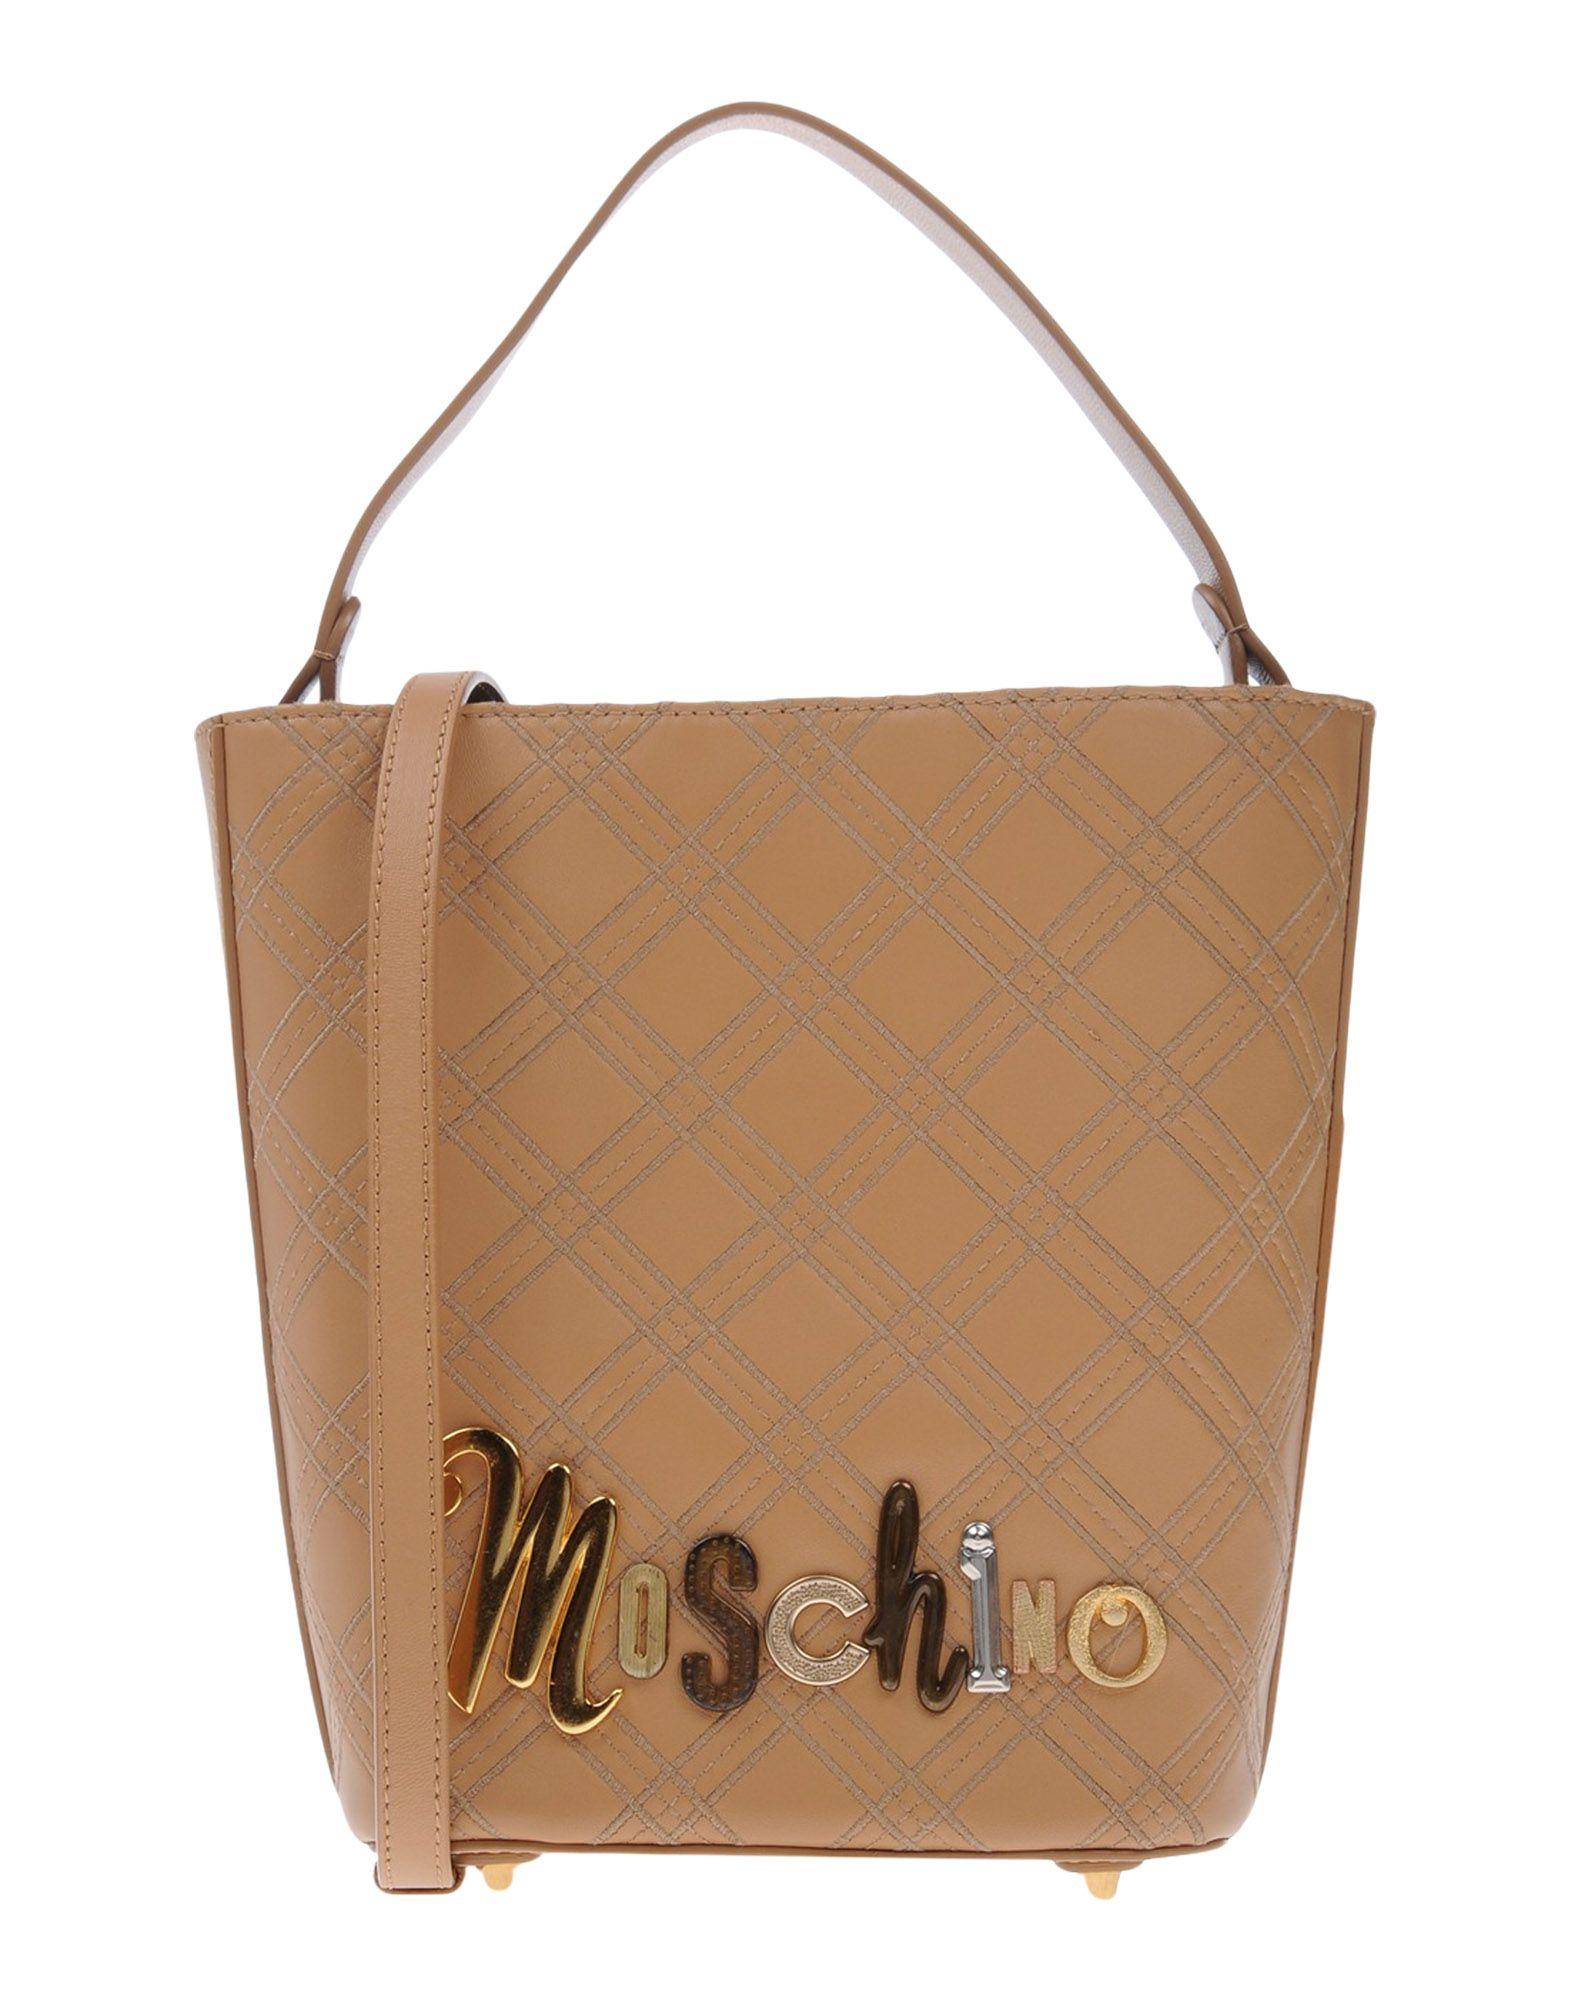 MOSCHINO Сумка на руку sammons sammons мужской заголовок слой кожи плеча мешок человек сумка досуг сумка 190263 01 черный